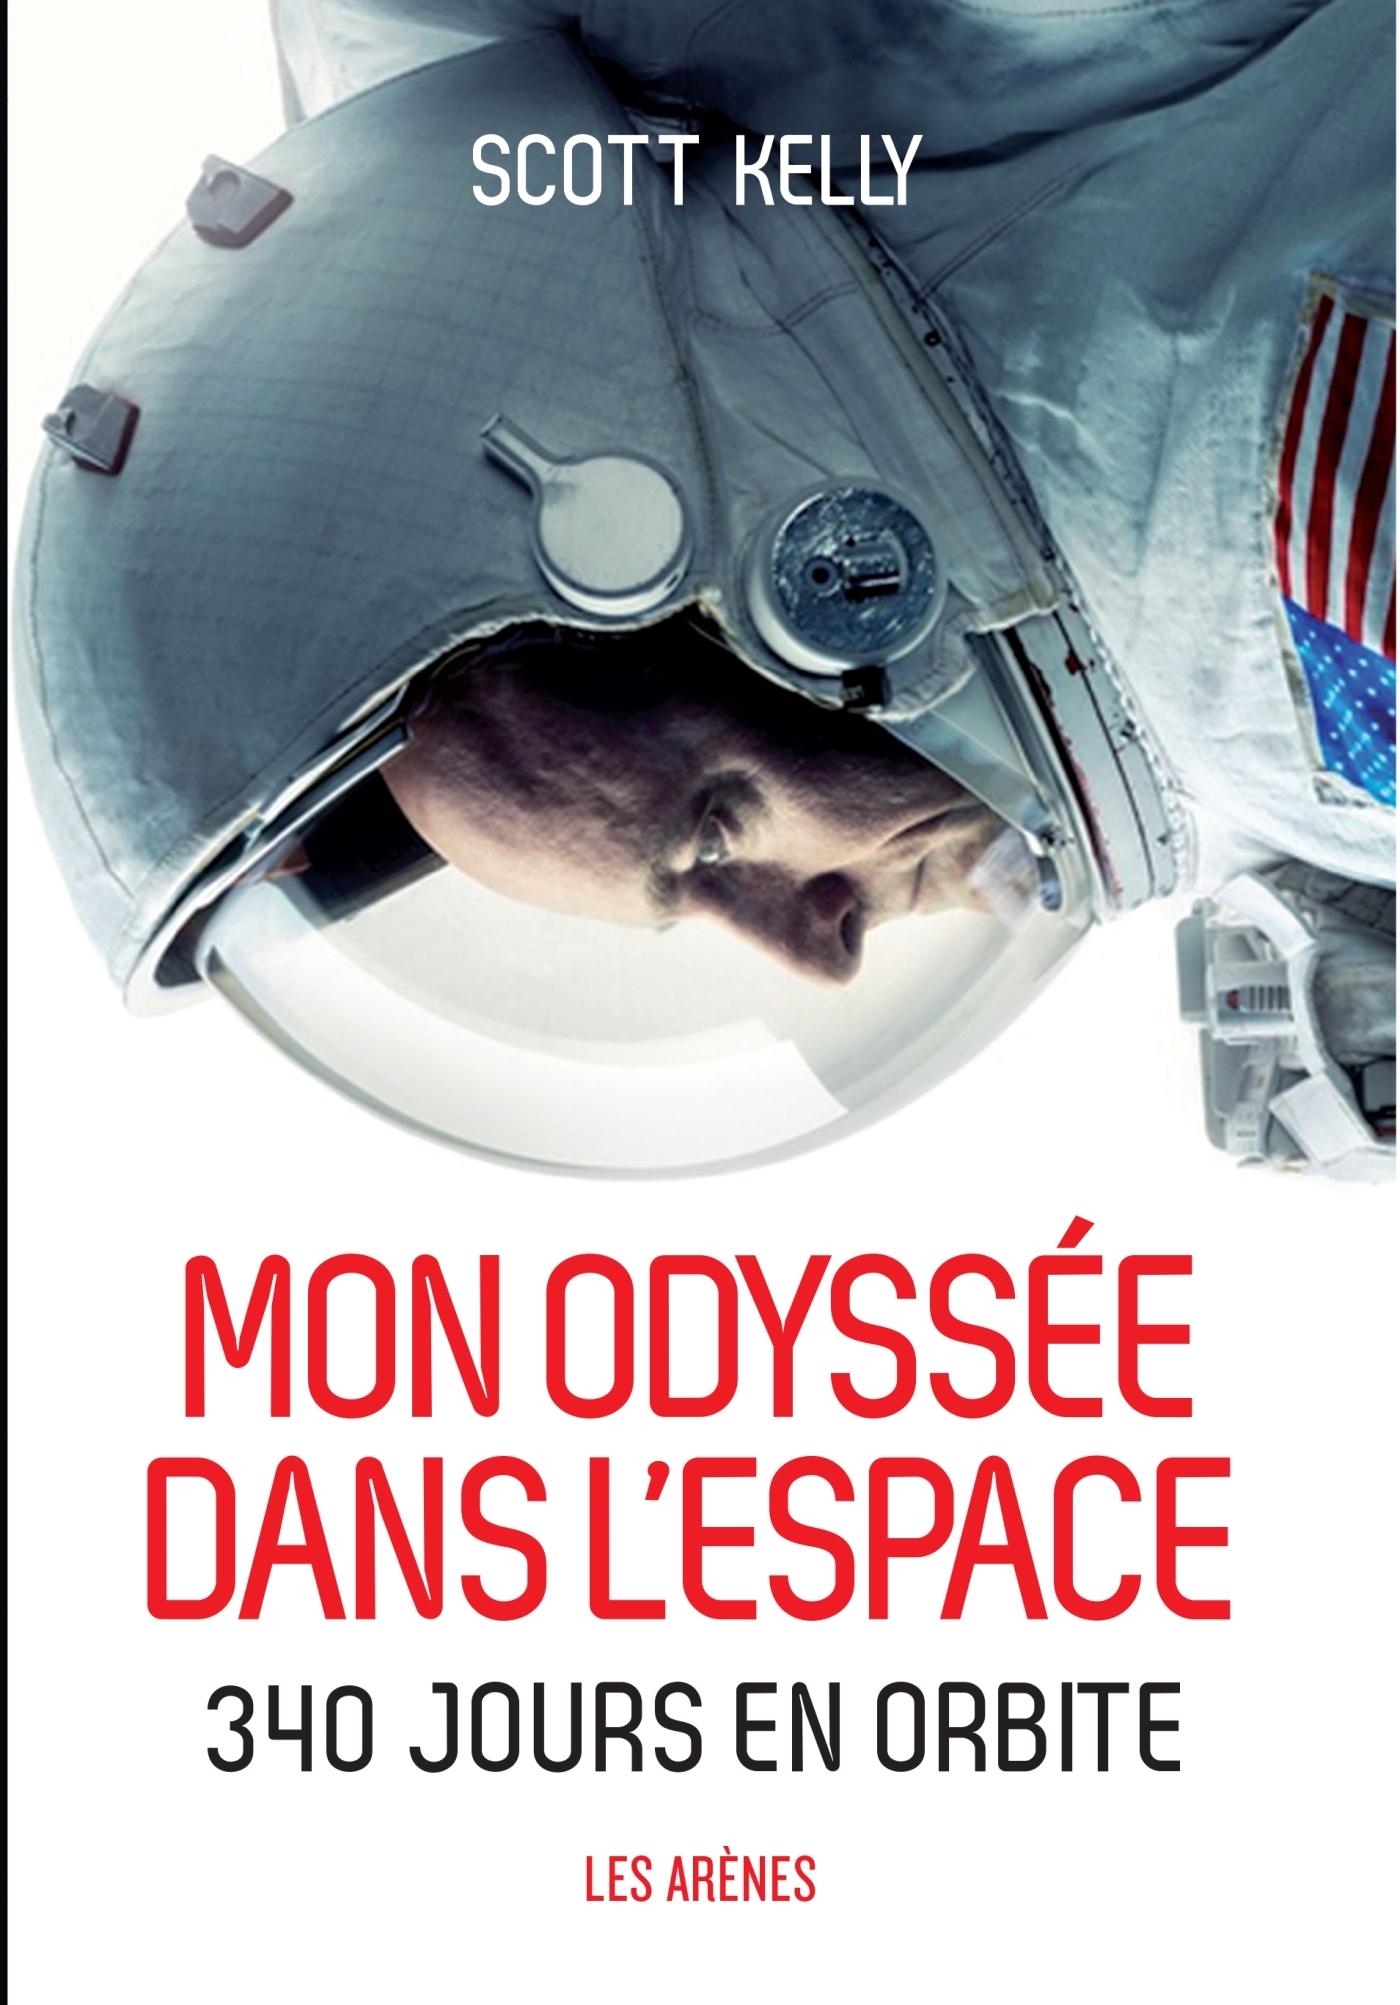 MON ODYSSEE DANS L'ESPACE